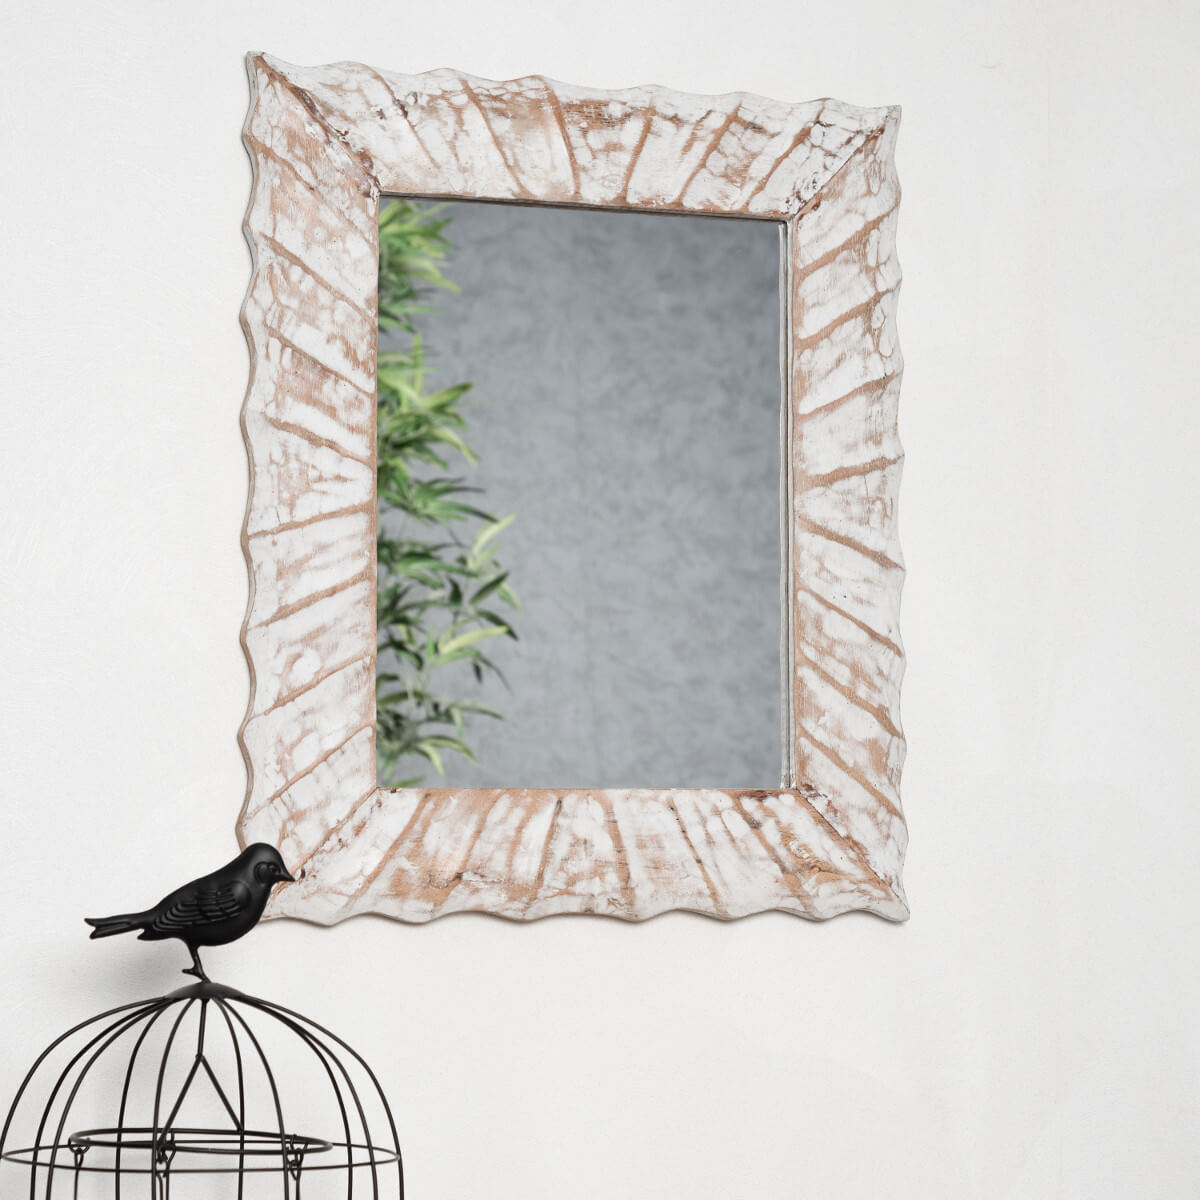 Miroir de d coration en bois massif alicante for Miroir bois ceruse